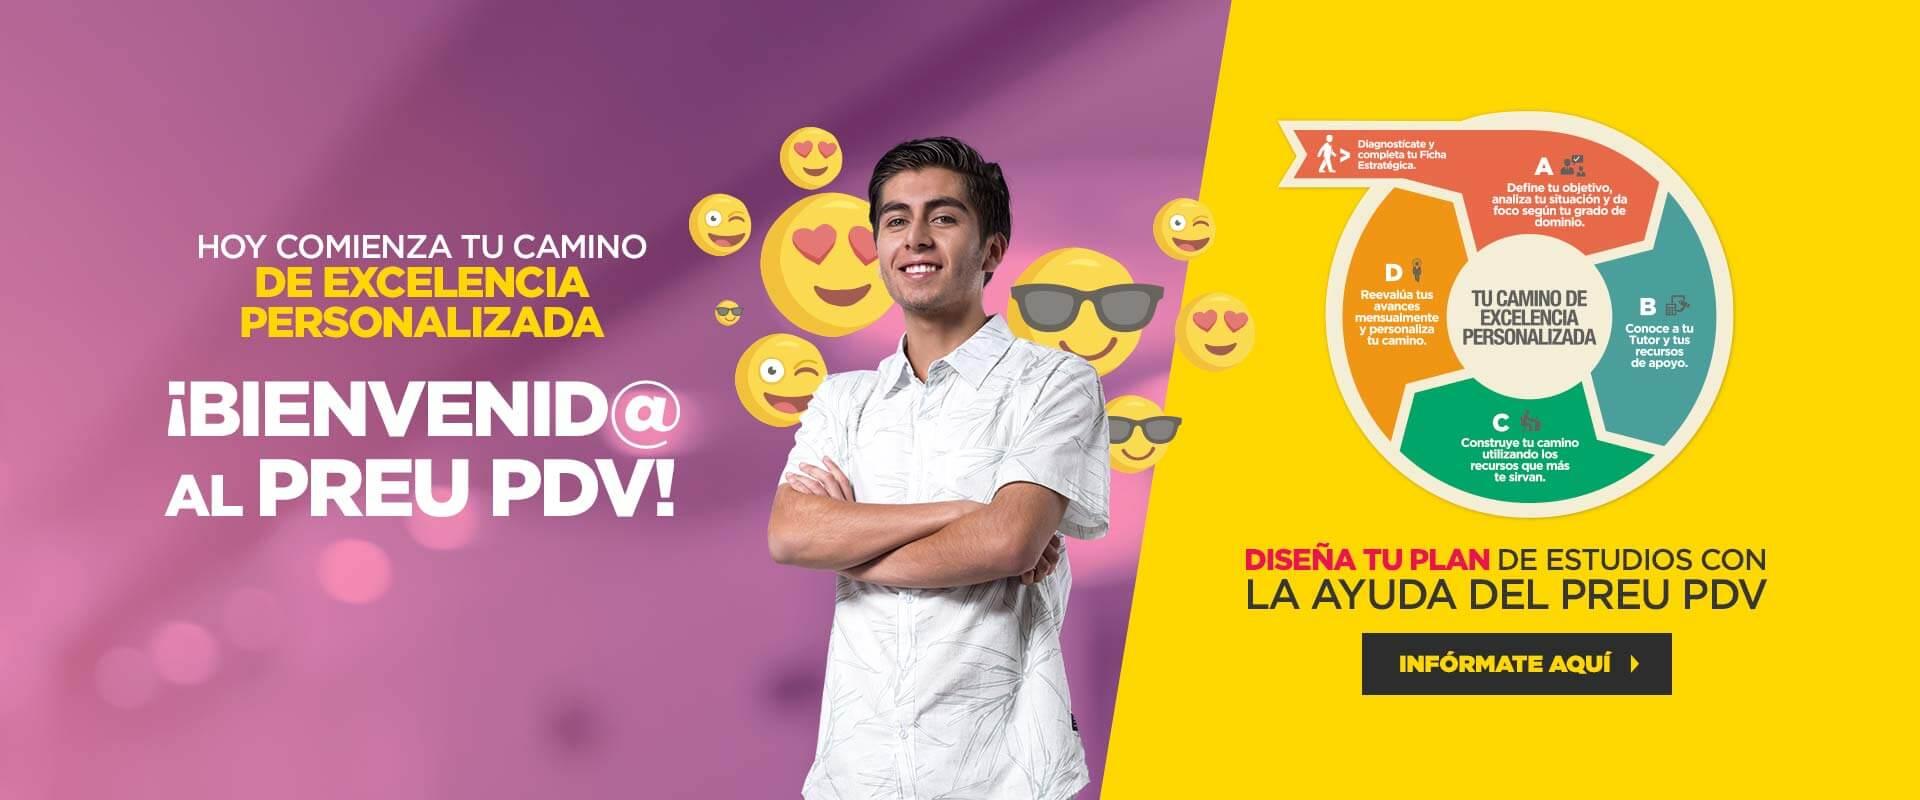 Campaña Bienvenida - Preuniversitario Pedro de Valdivia